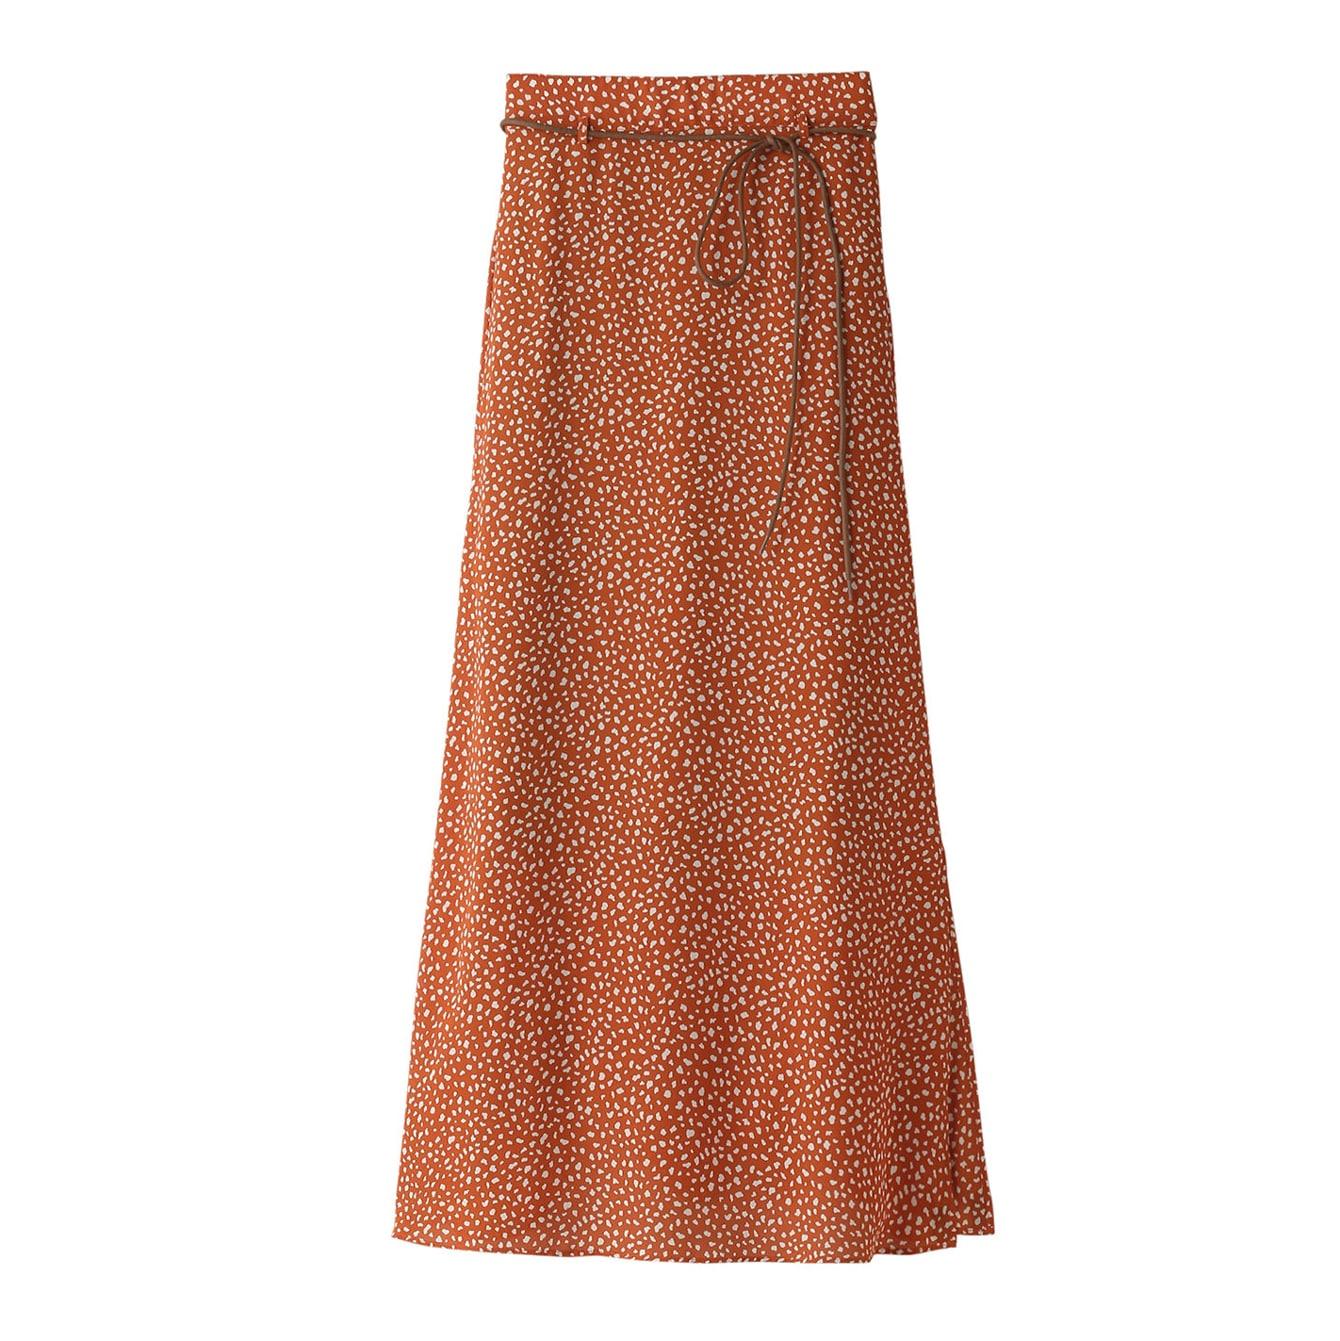 今買って秋まで着られる大人のプリントスカートを厳選!